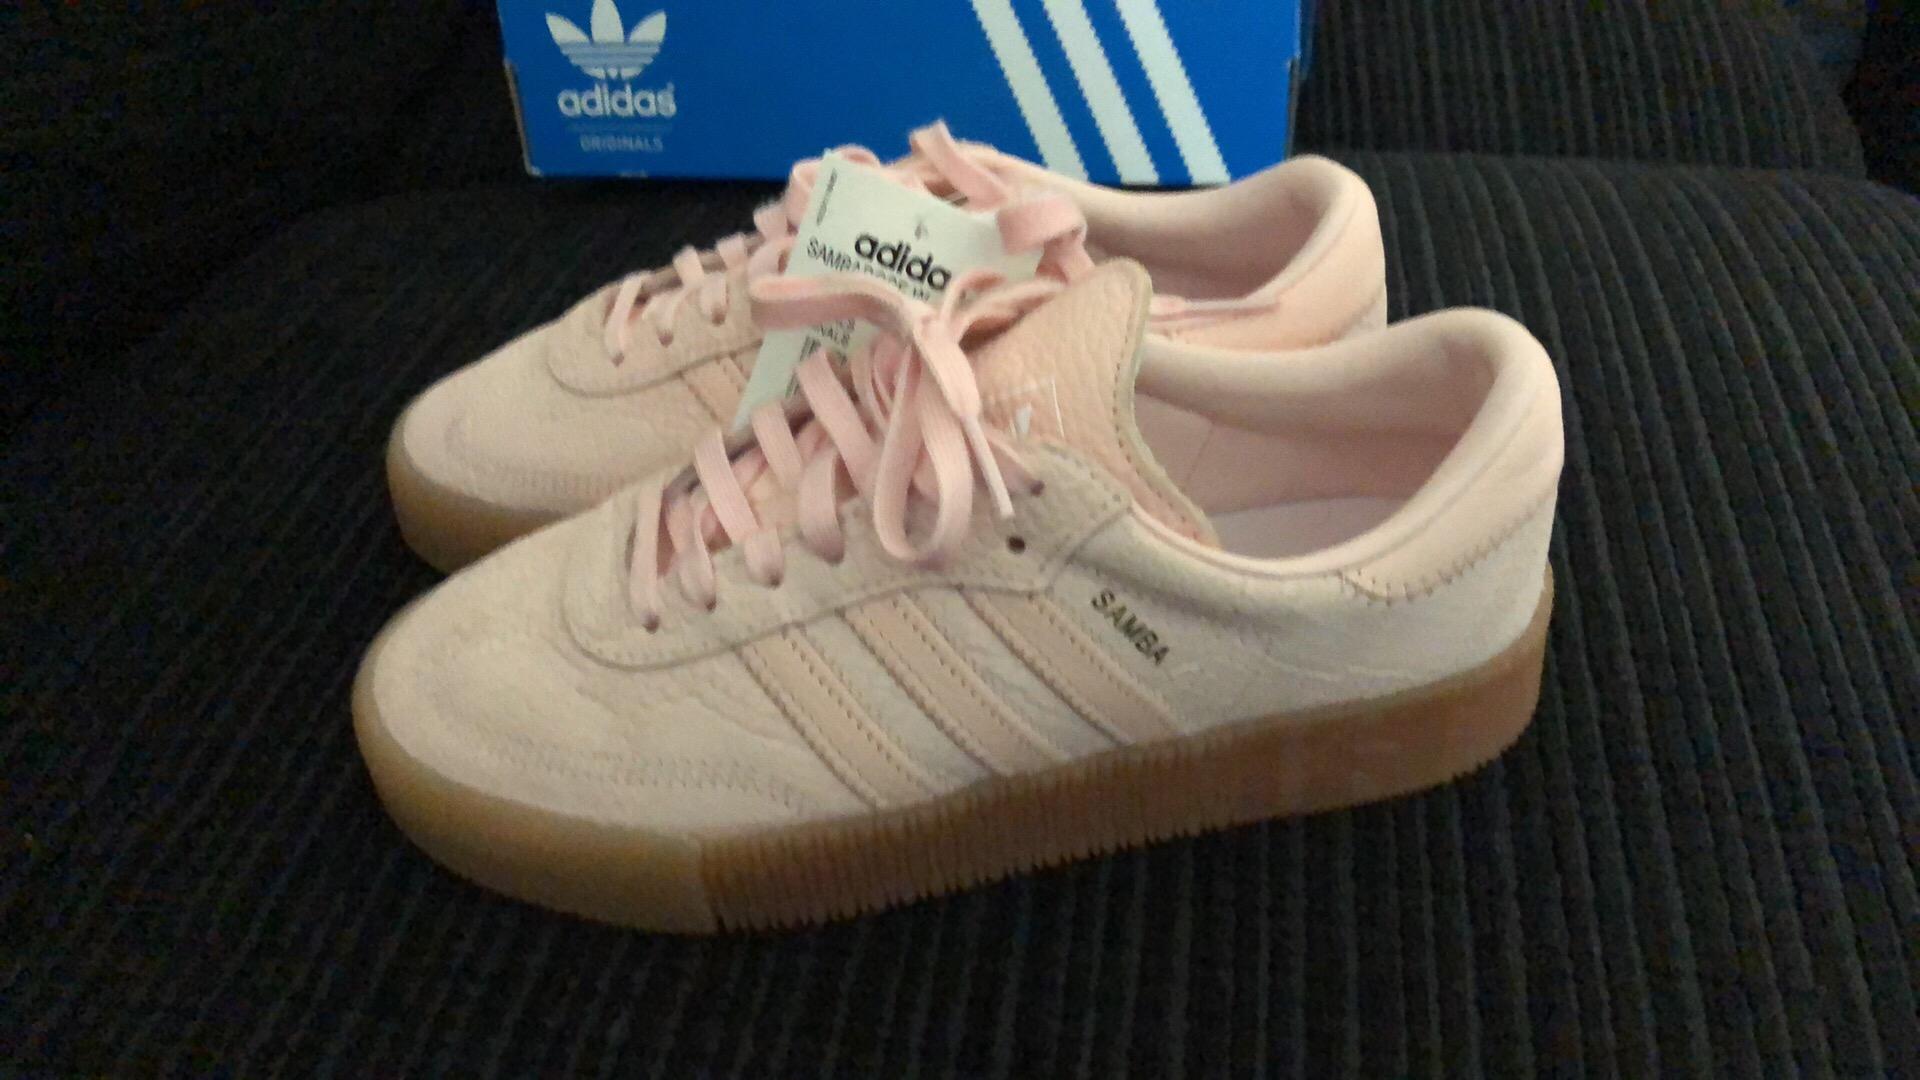 Adidas Sambarose Pink - £16.95 - Gloucester Quays outlet